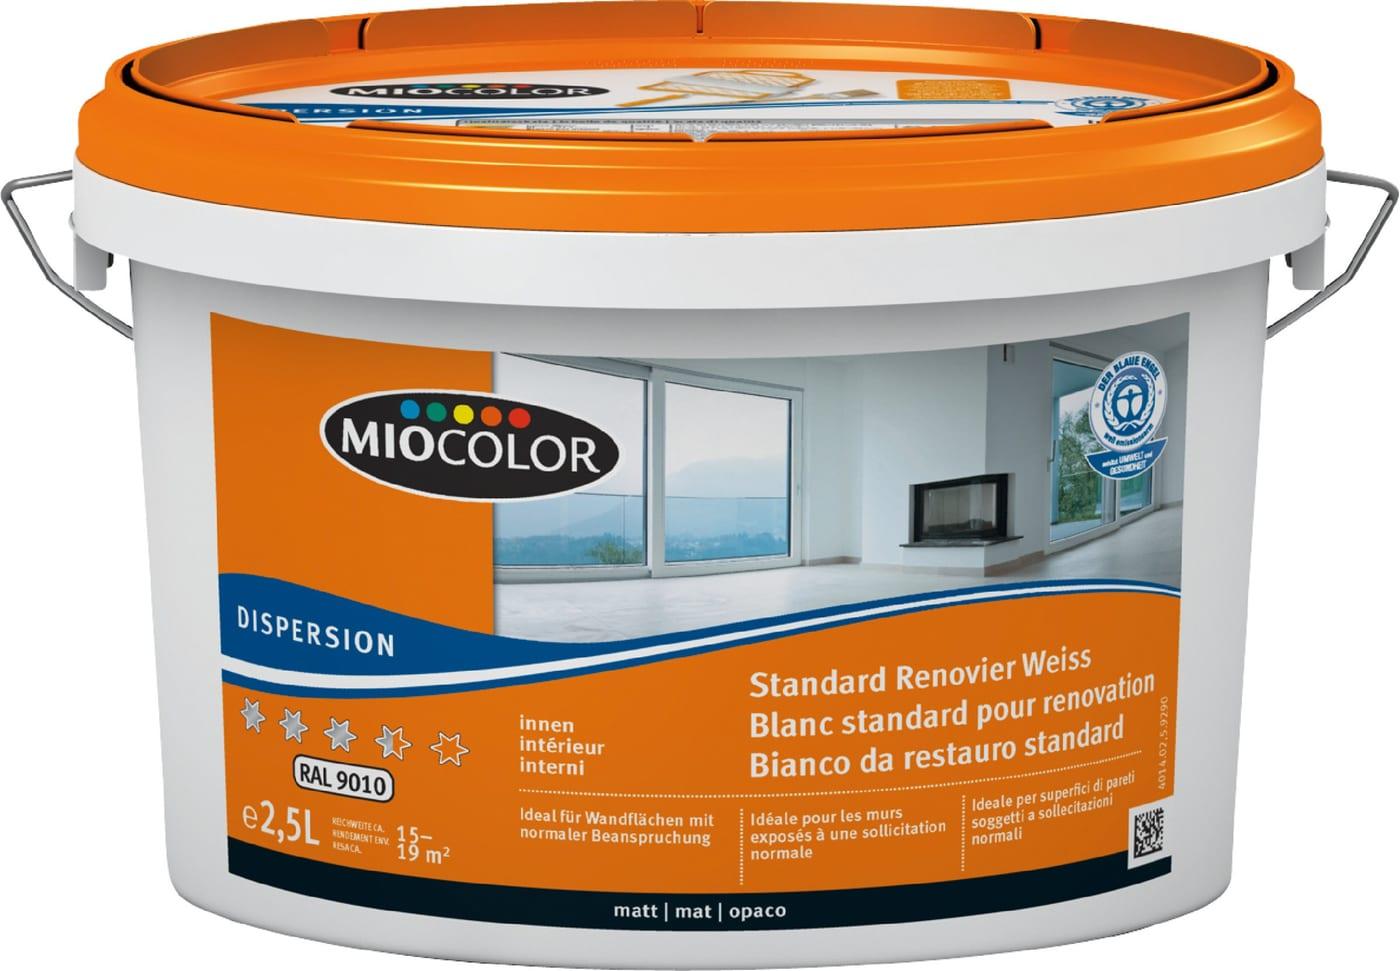 miocolor dispersion pour r novation ral 9010 migros. Black Bedroom Furniture Sets. Home Design Ideas